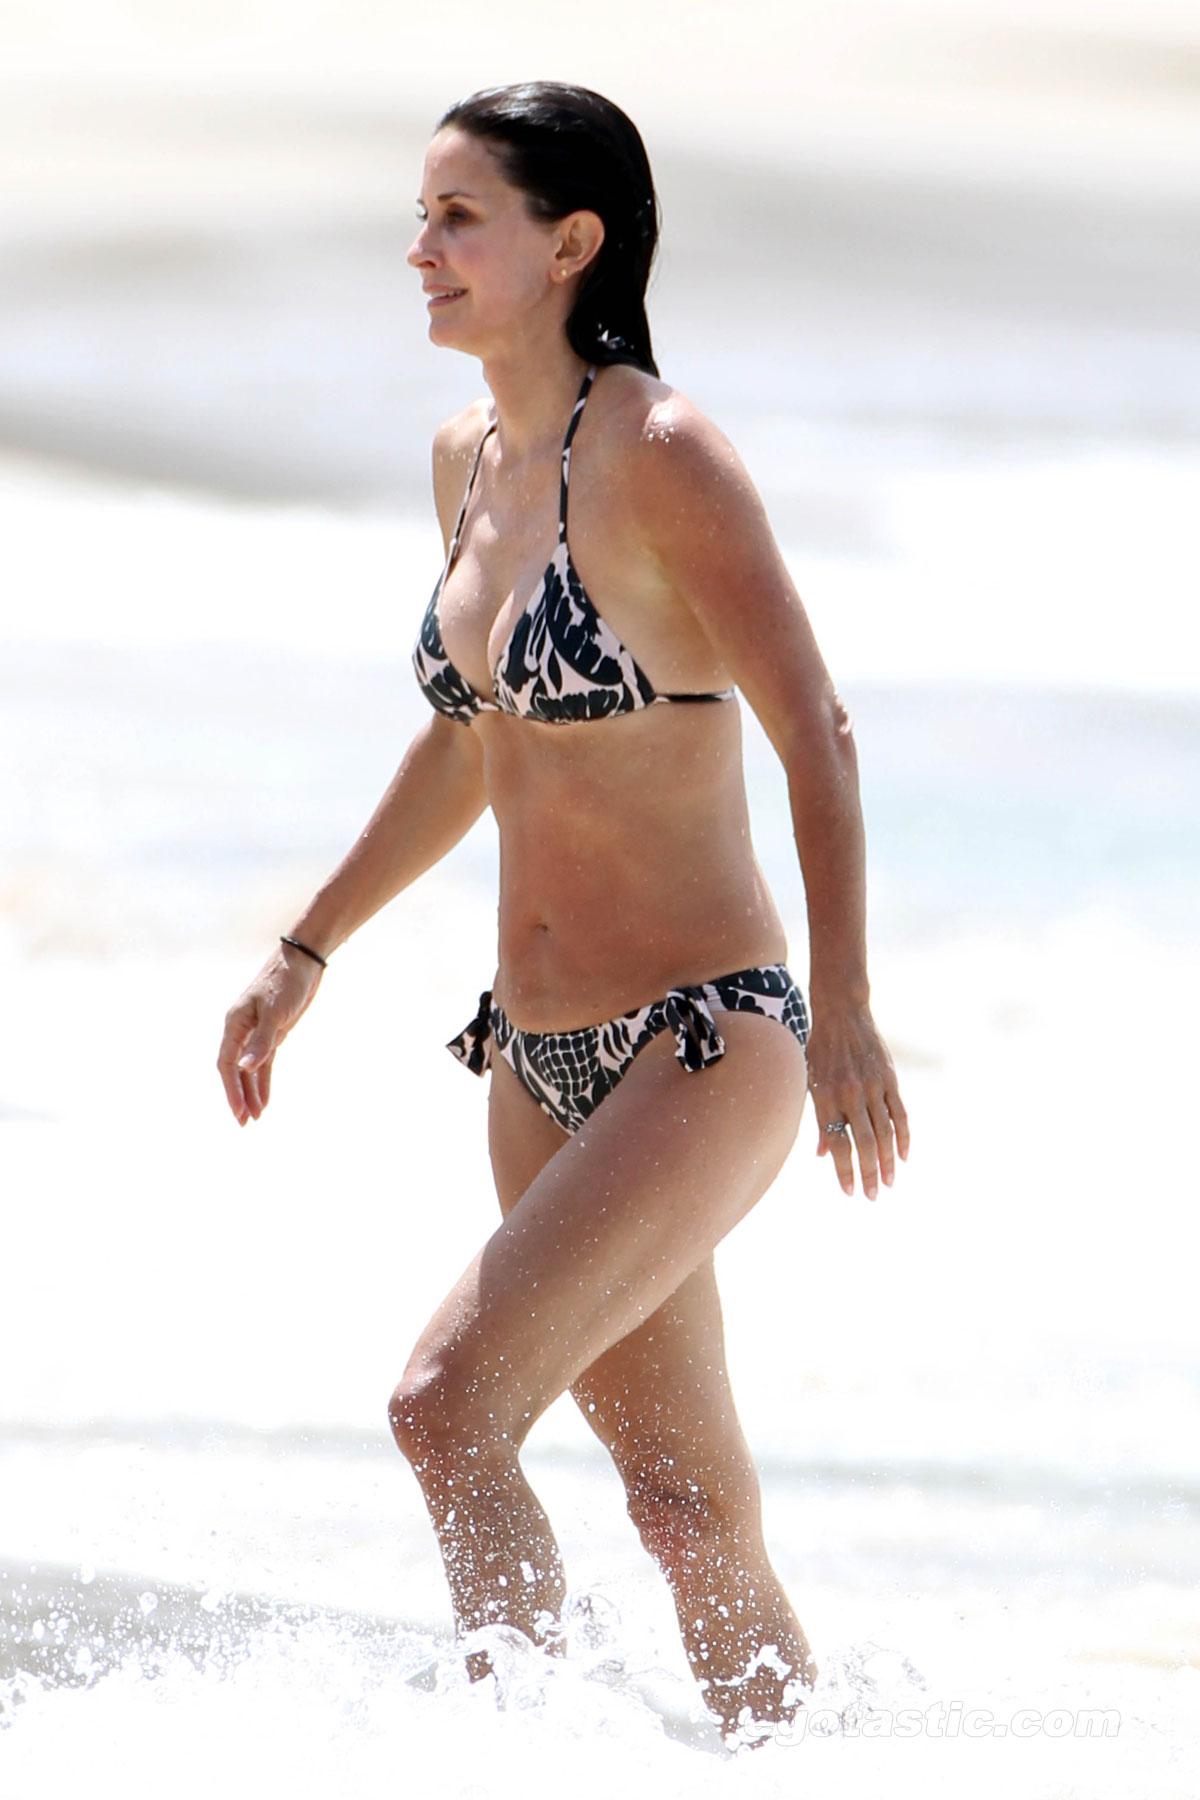 http://1.bp.blogspot.com/-zTmKwlbrlQ8/Tj_1j406F-I/AAAAAAAAAu8/XbweQtz_J3k/s1800/courteney-cox-st-barts-bikini-04_b9c4acf7ad9da5e5b67655c61c17bd6b.jpg